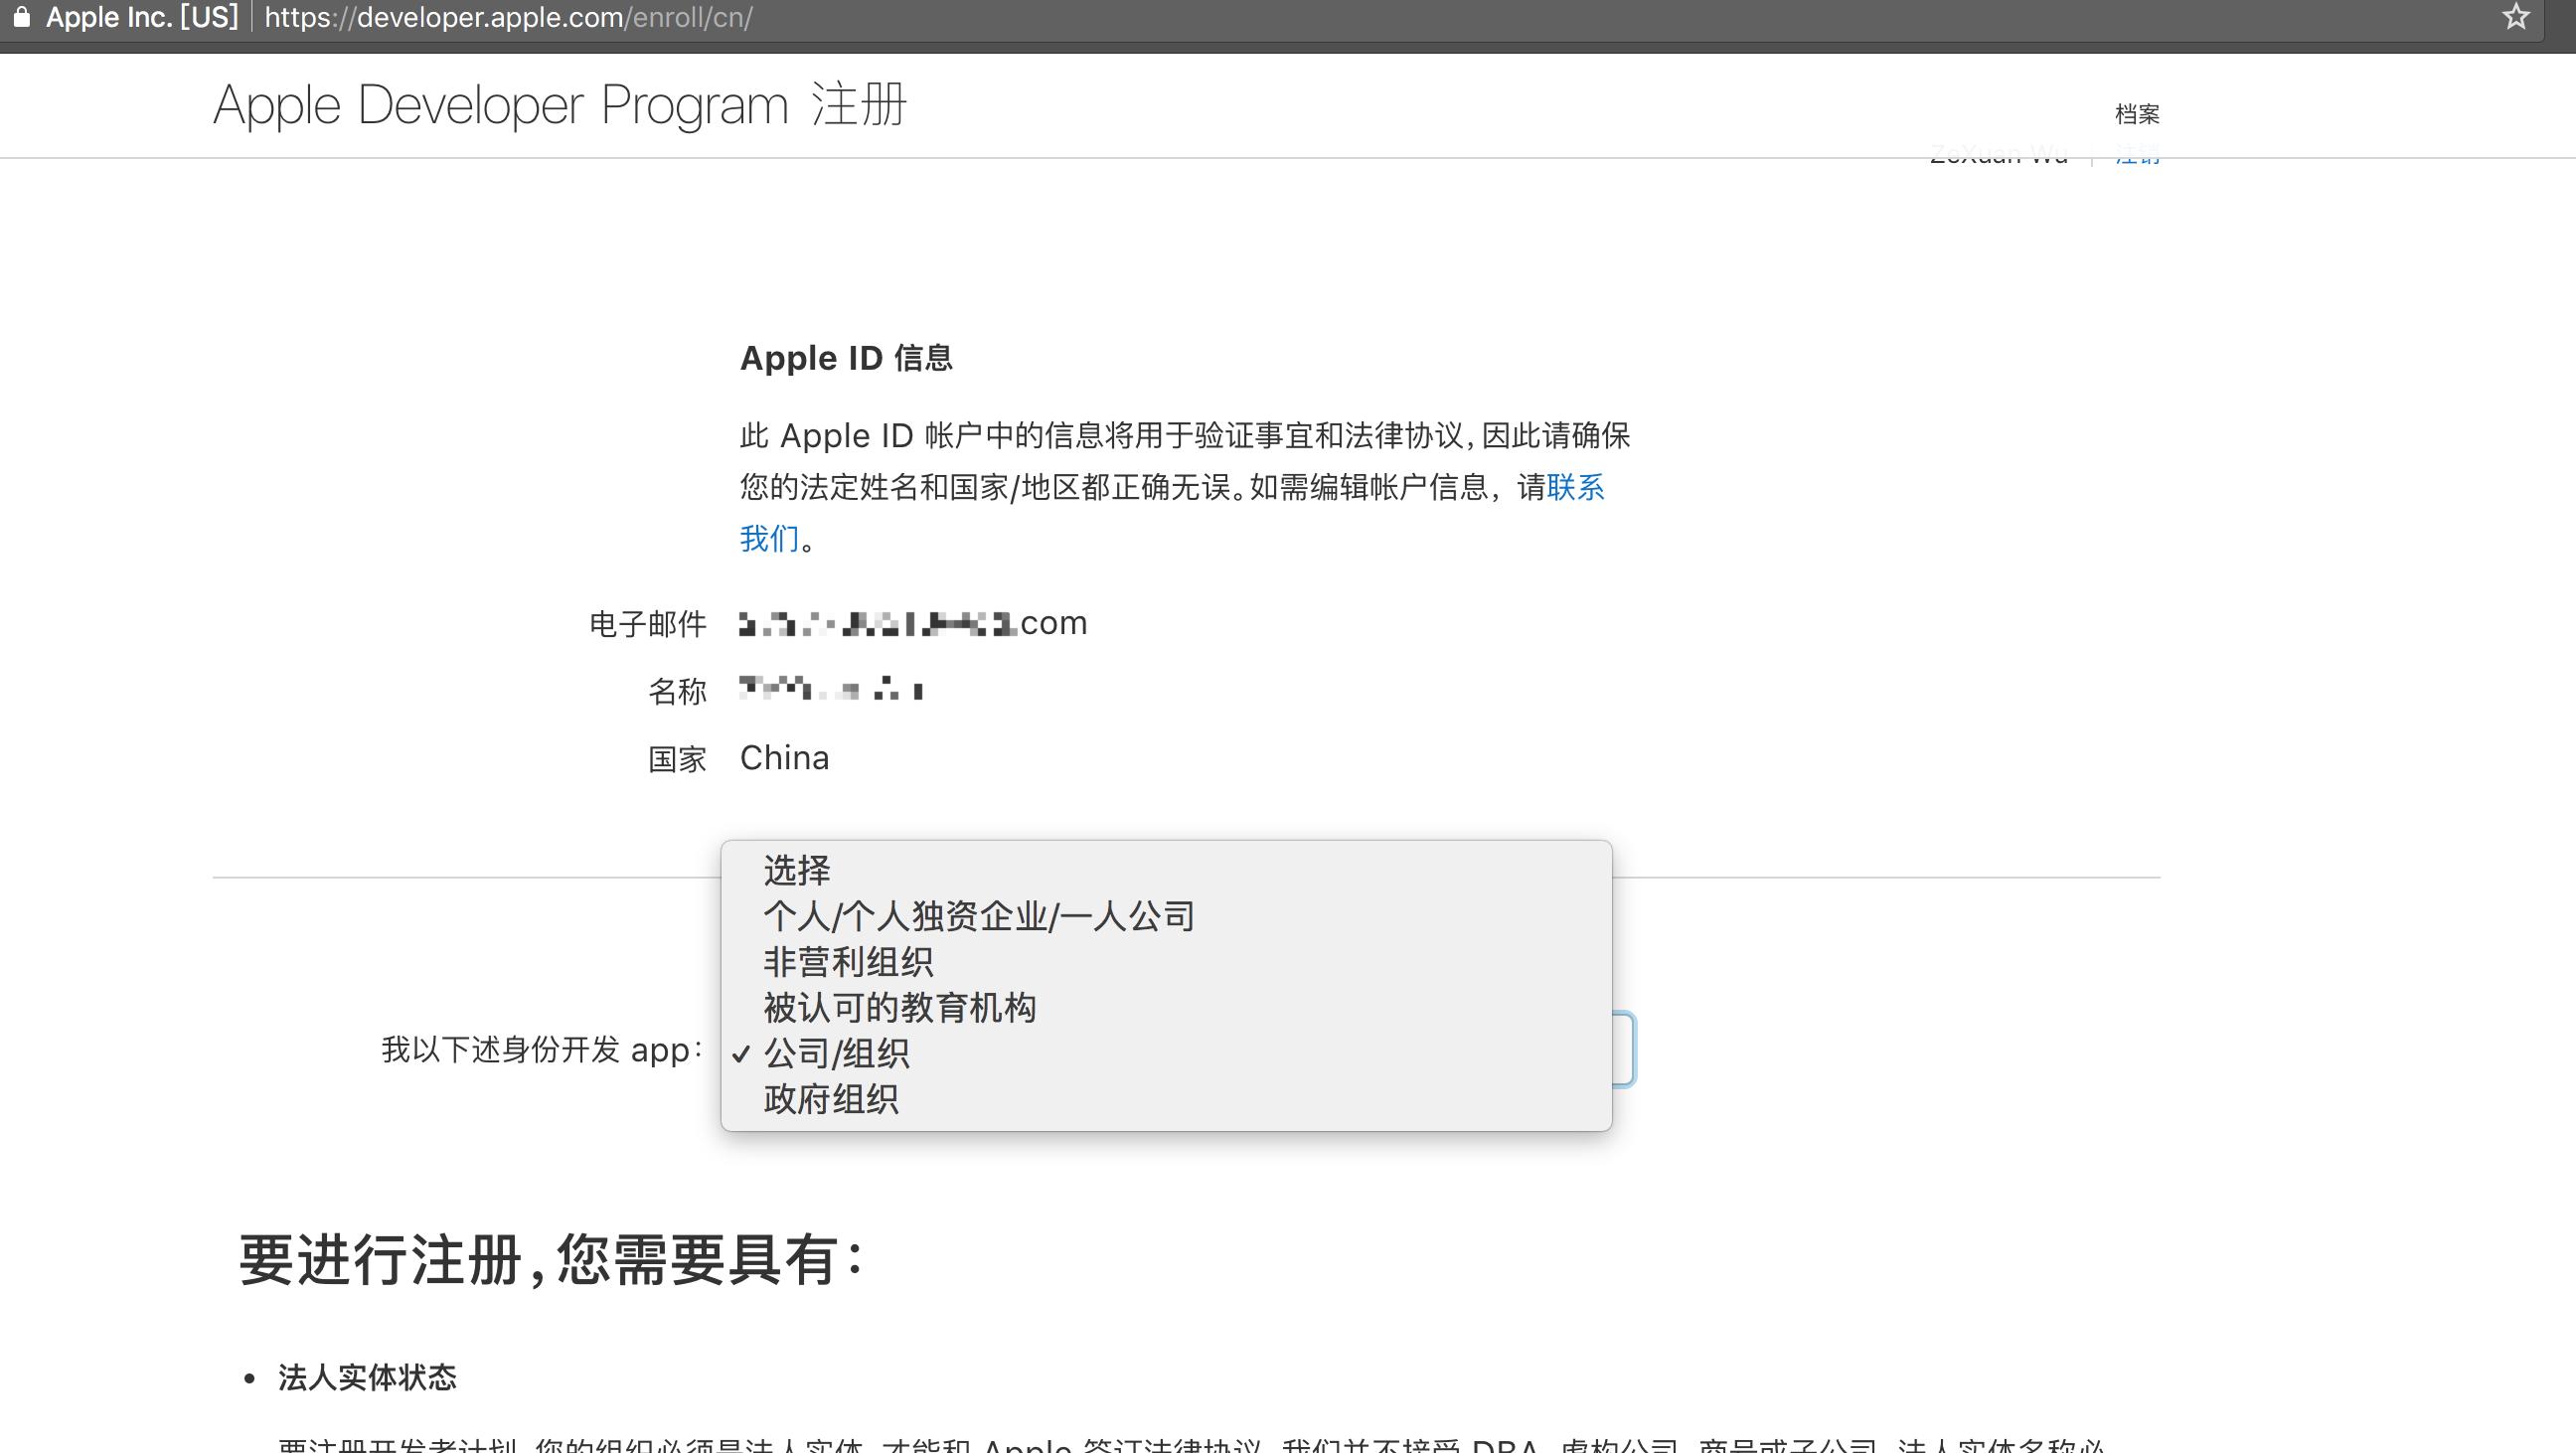 20180810-最新苹果开发者账号公司账号注册、申请以及邓白氏申请的详细过程-快速申请苹果开发者账号方法